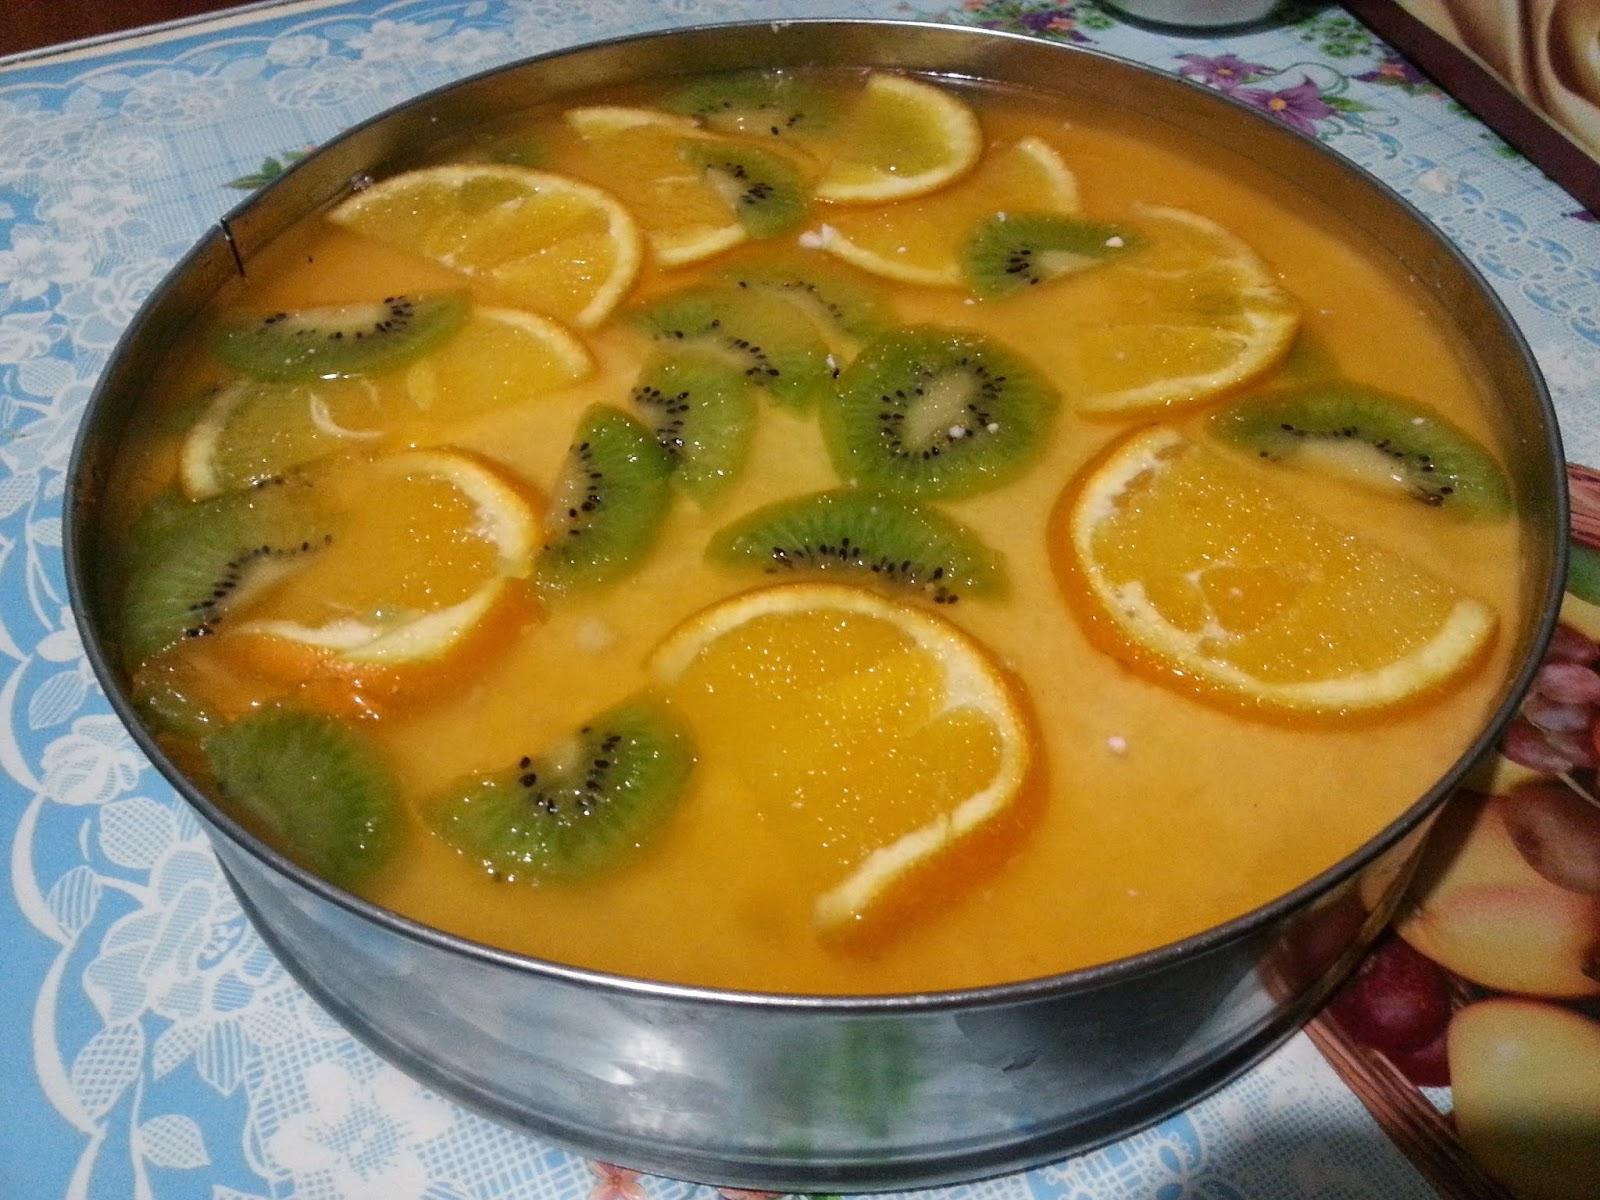 Залить фрукты желе в форме